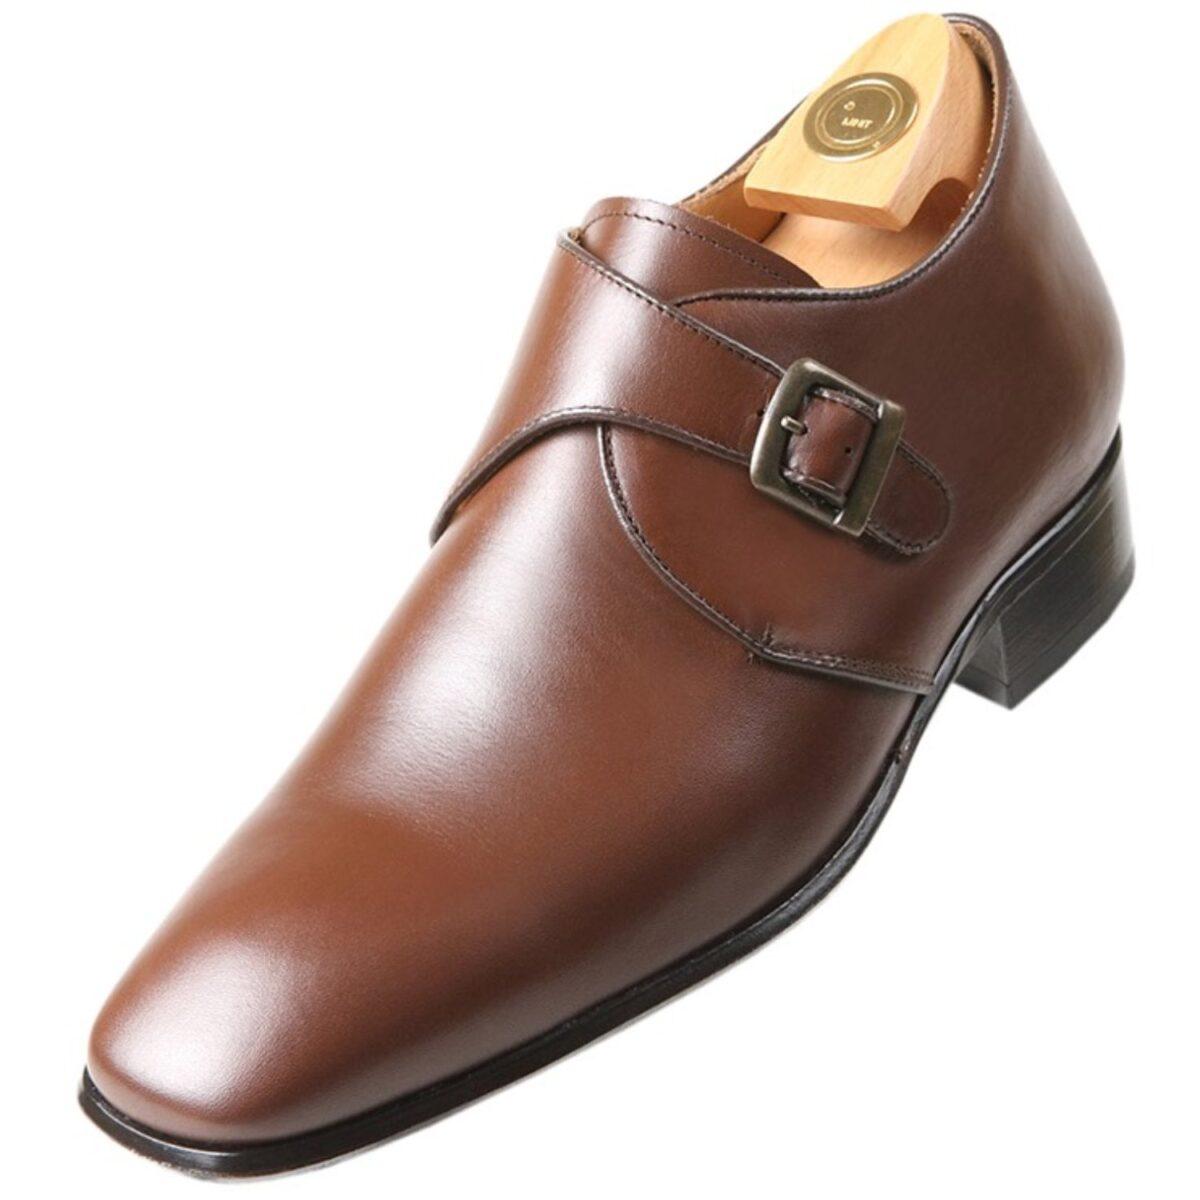 Zapatos con Alzas modelo 8717 M - HiPlus